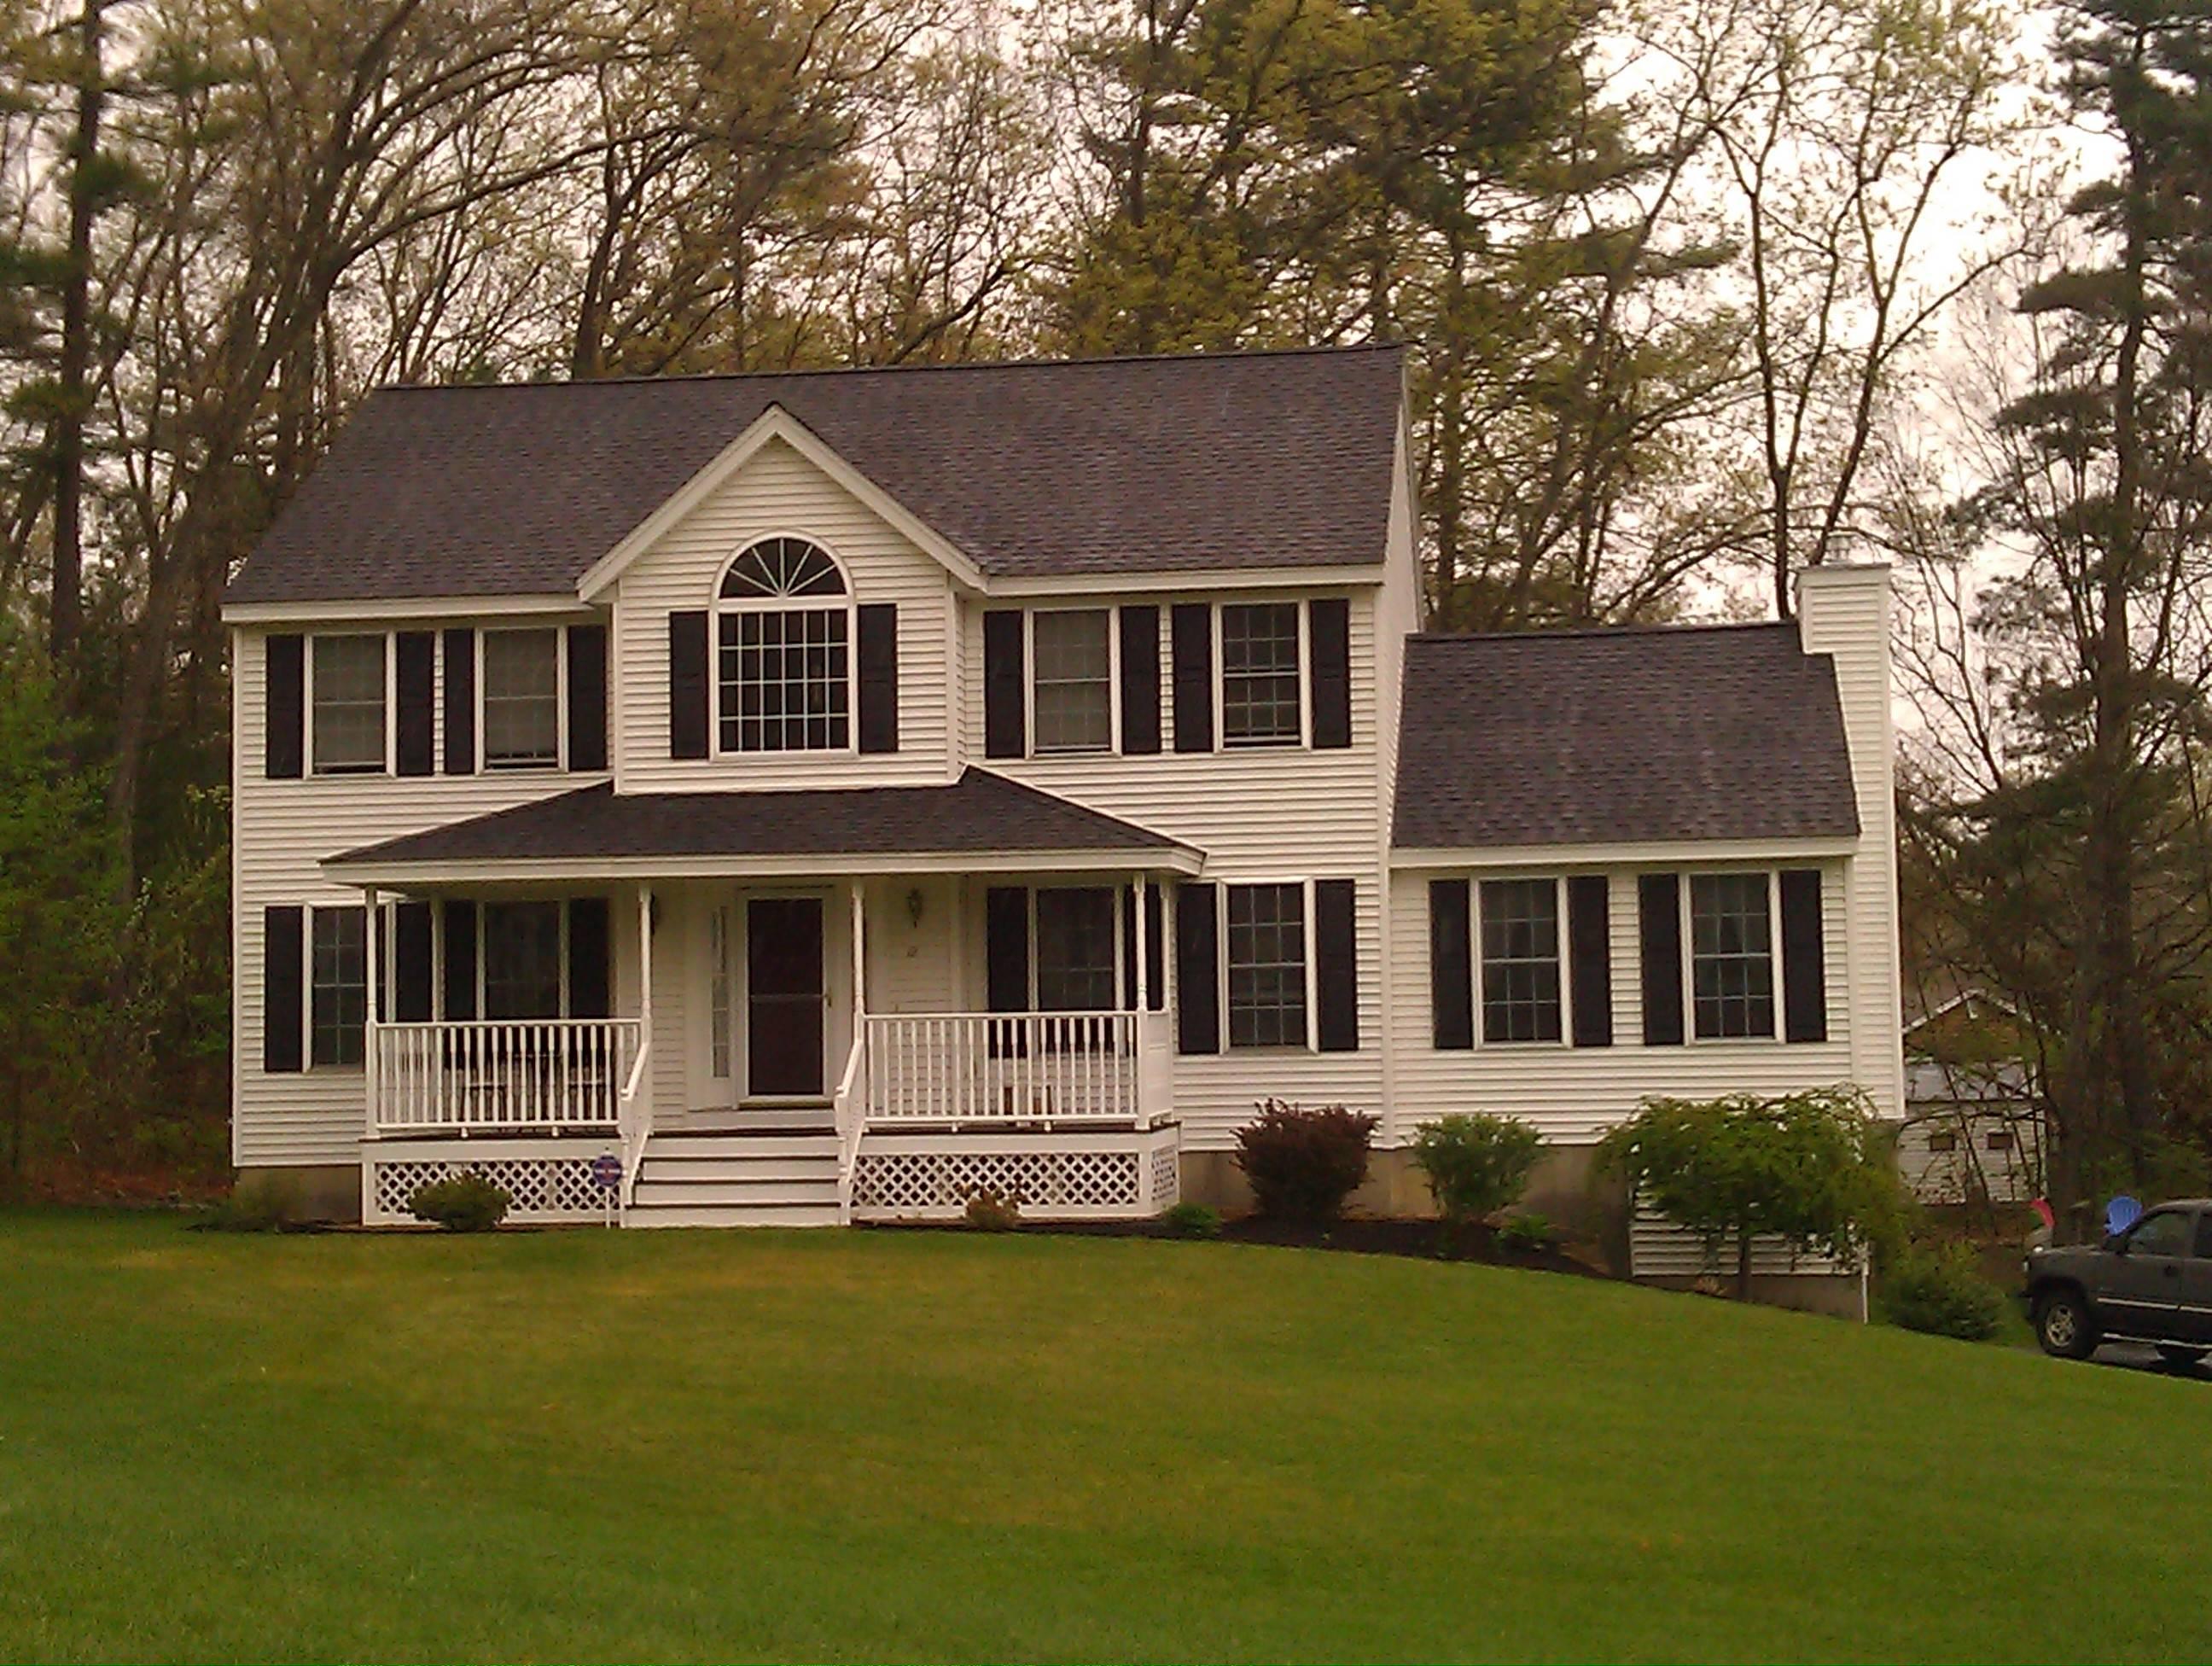 Colonial Front Porch Designs - Home Plans & Blueprints  #15